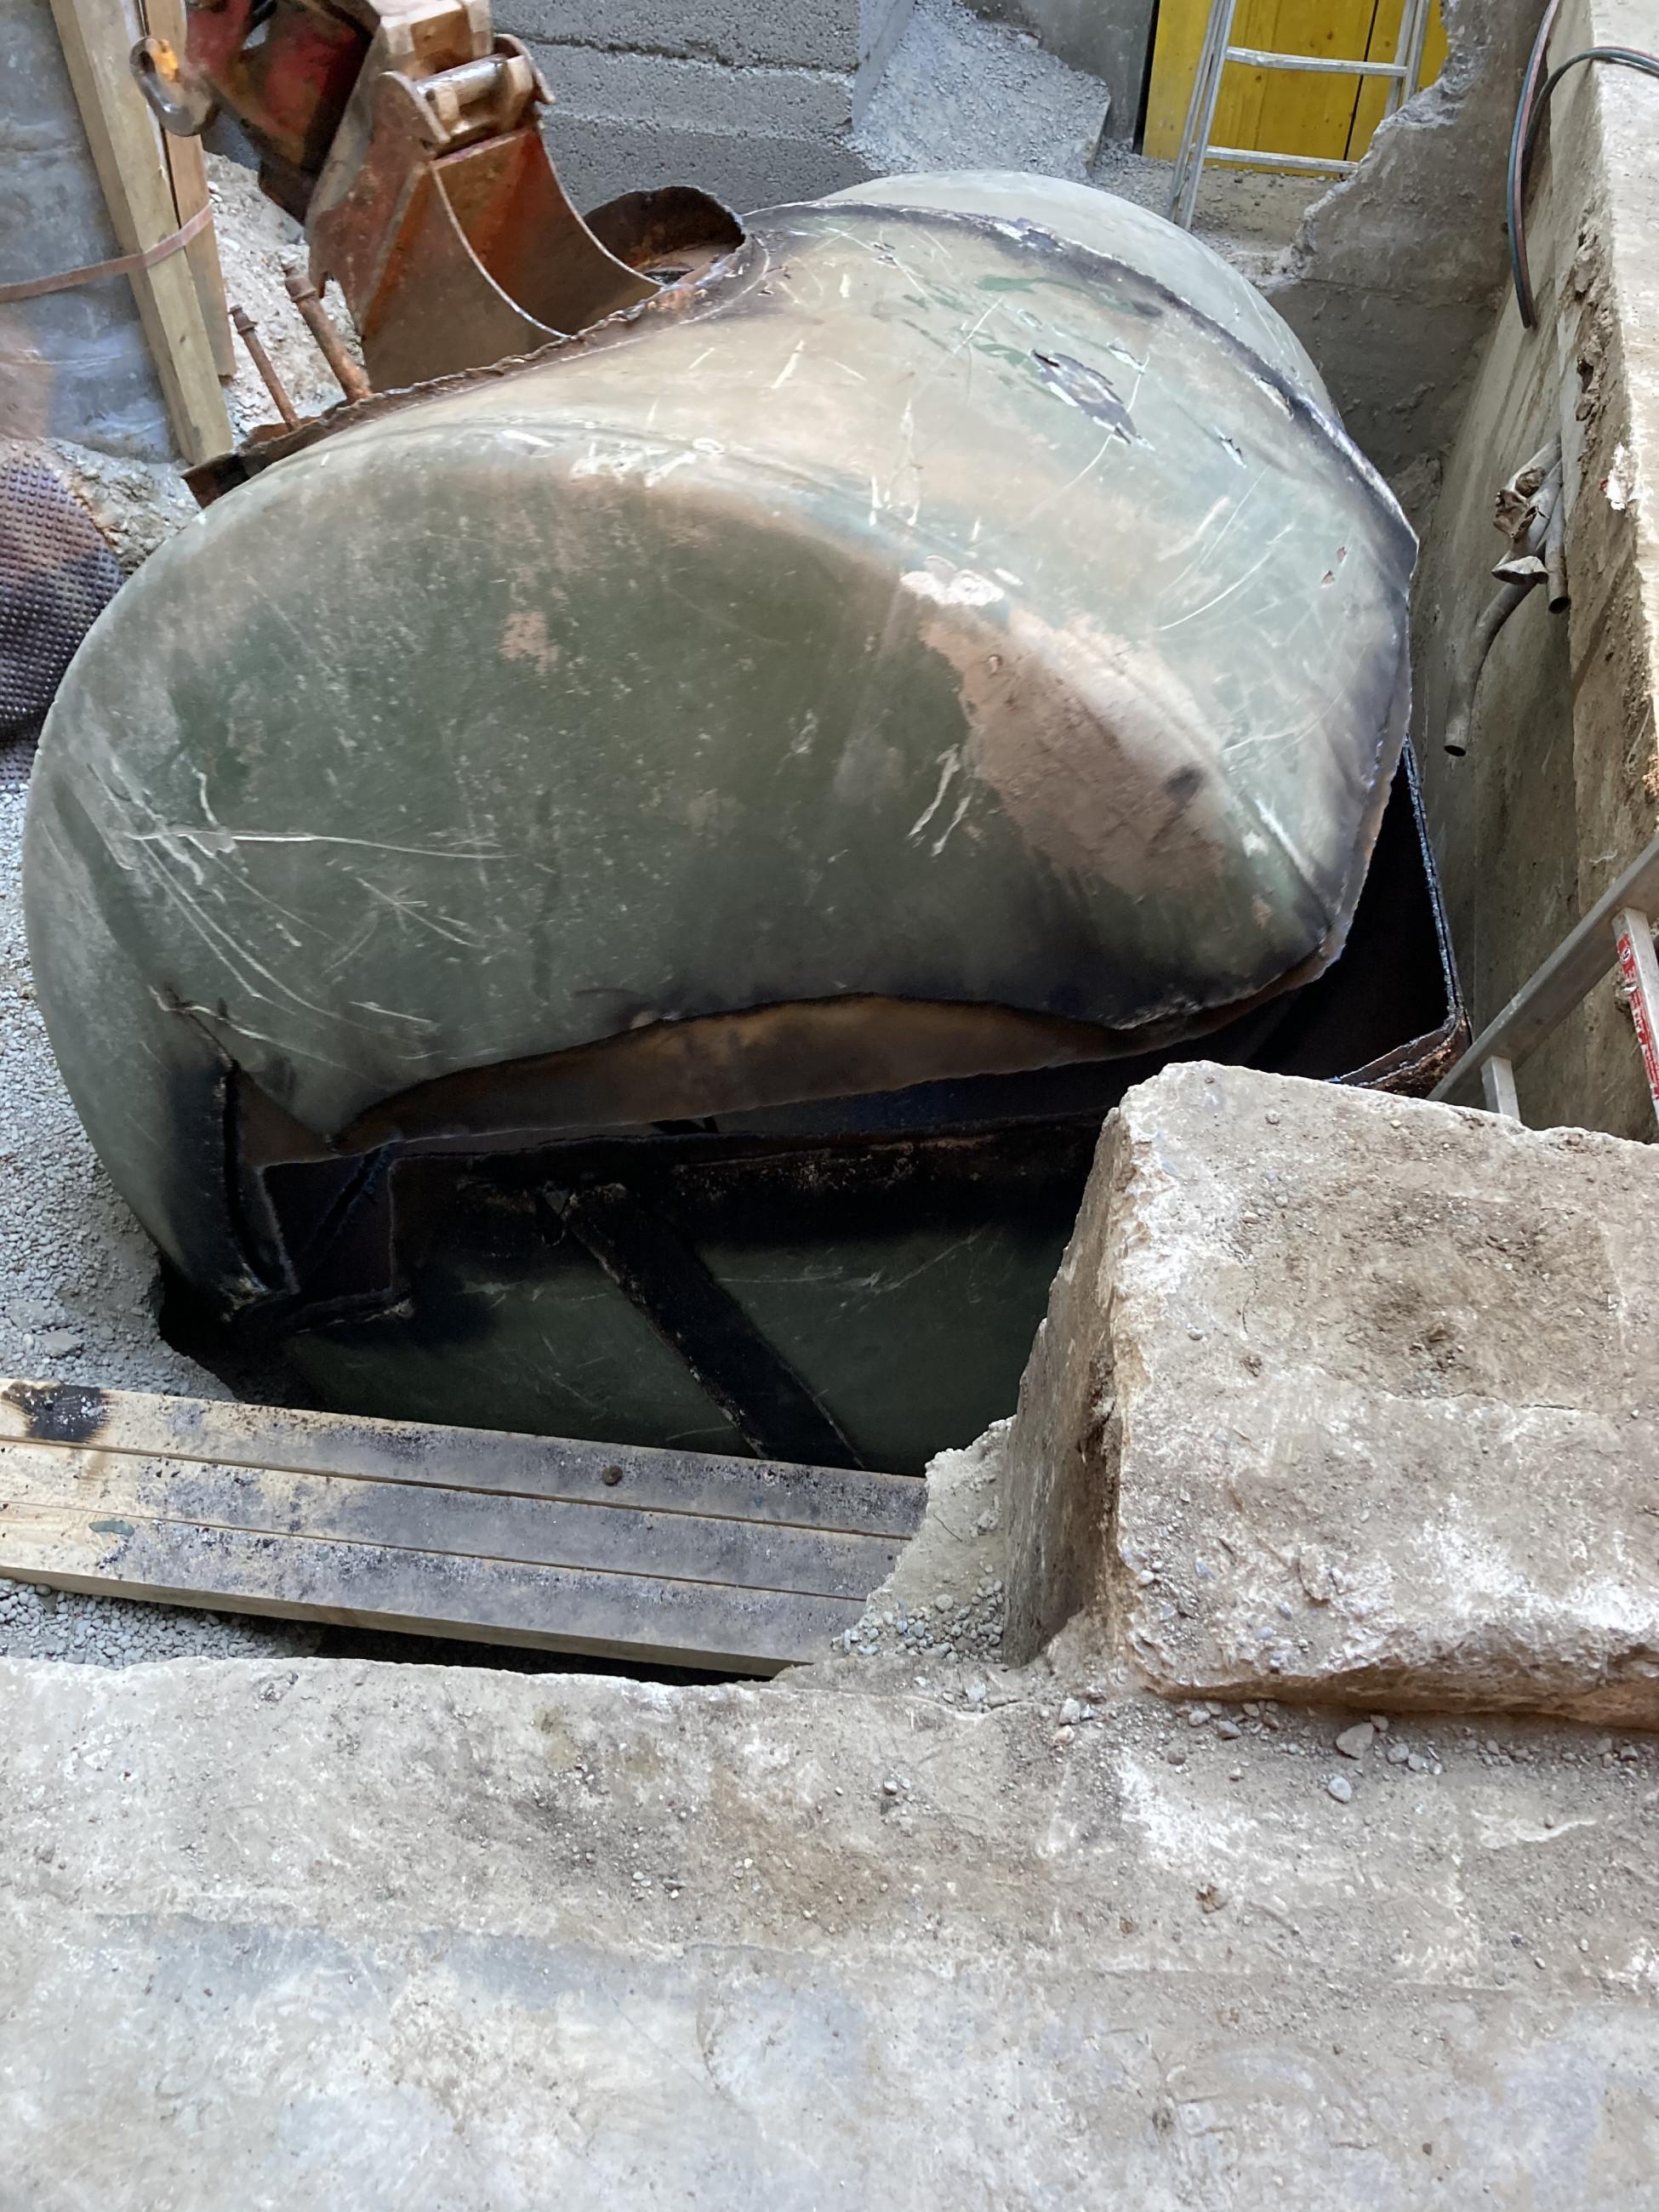 Umbau und Schadstoffsanierung Basel im Gundeli - Ausbau des Tanks im Innenhof